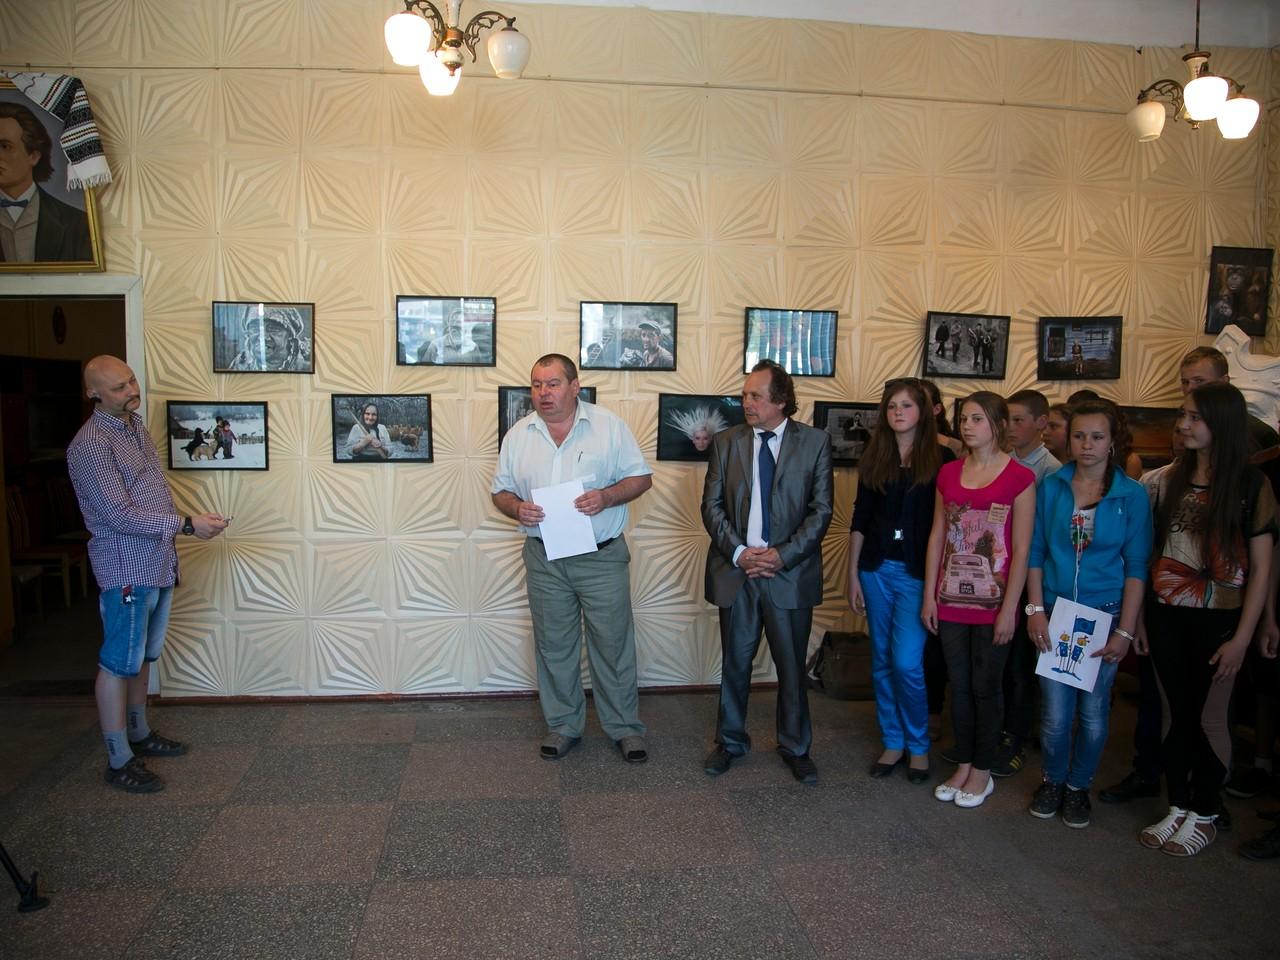 Vernisajul Salonului Internaţional Eurofotoart 2012 la Galeria Euro Foto Art din Cernăuţi 09 mai 2013